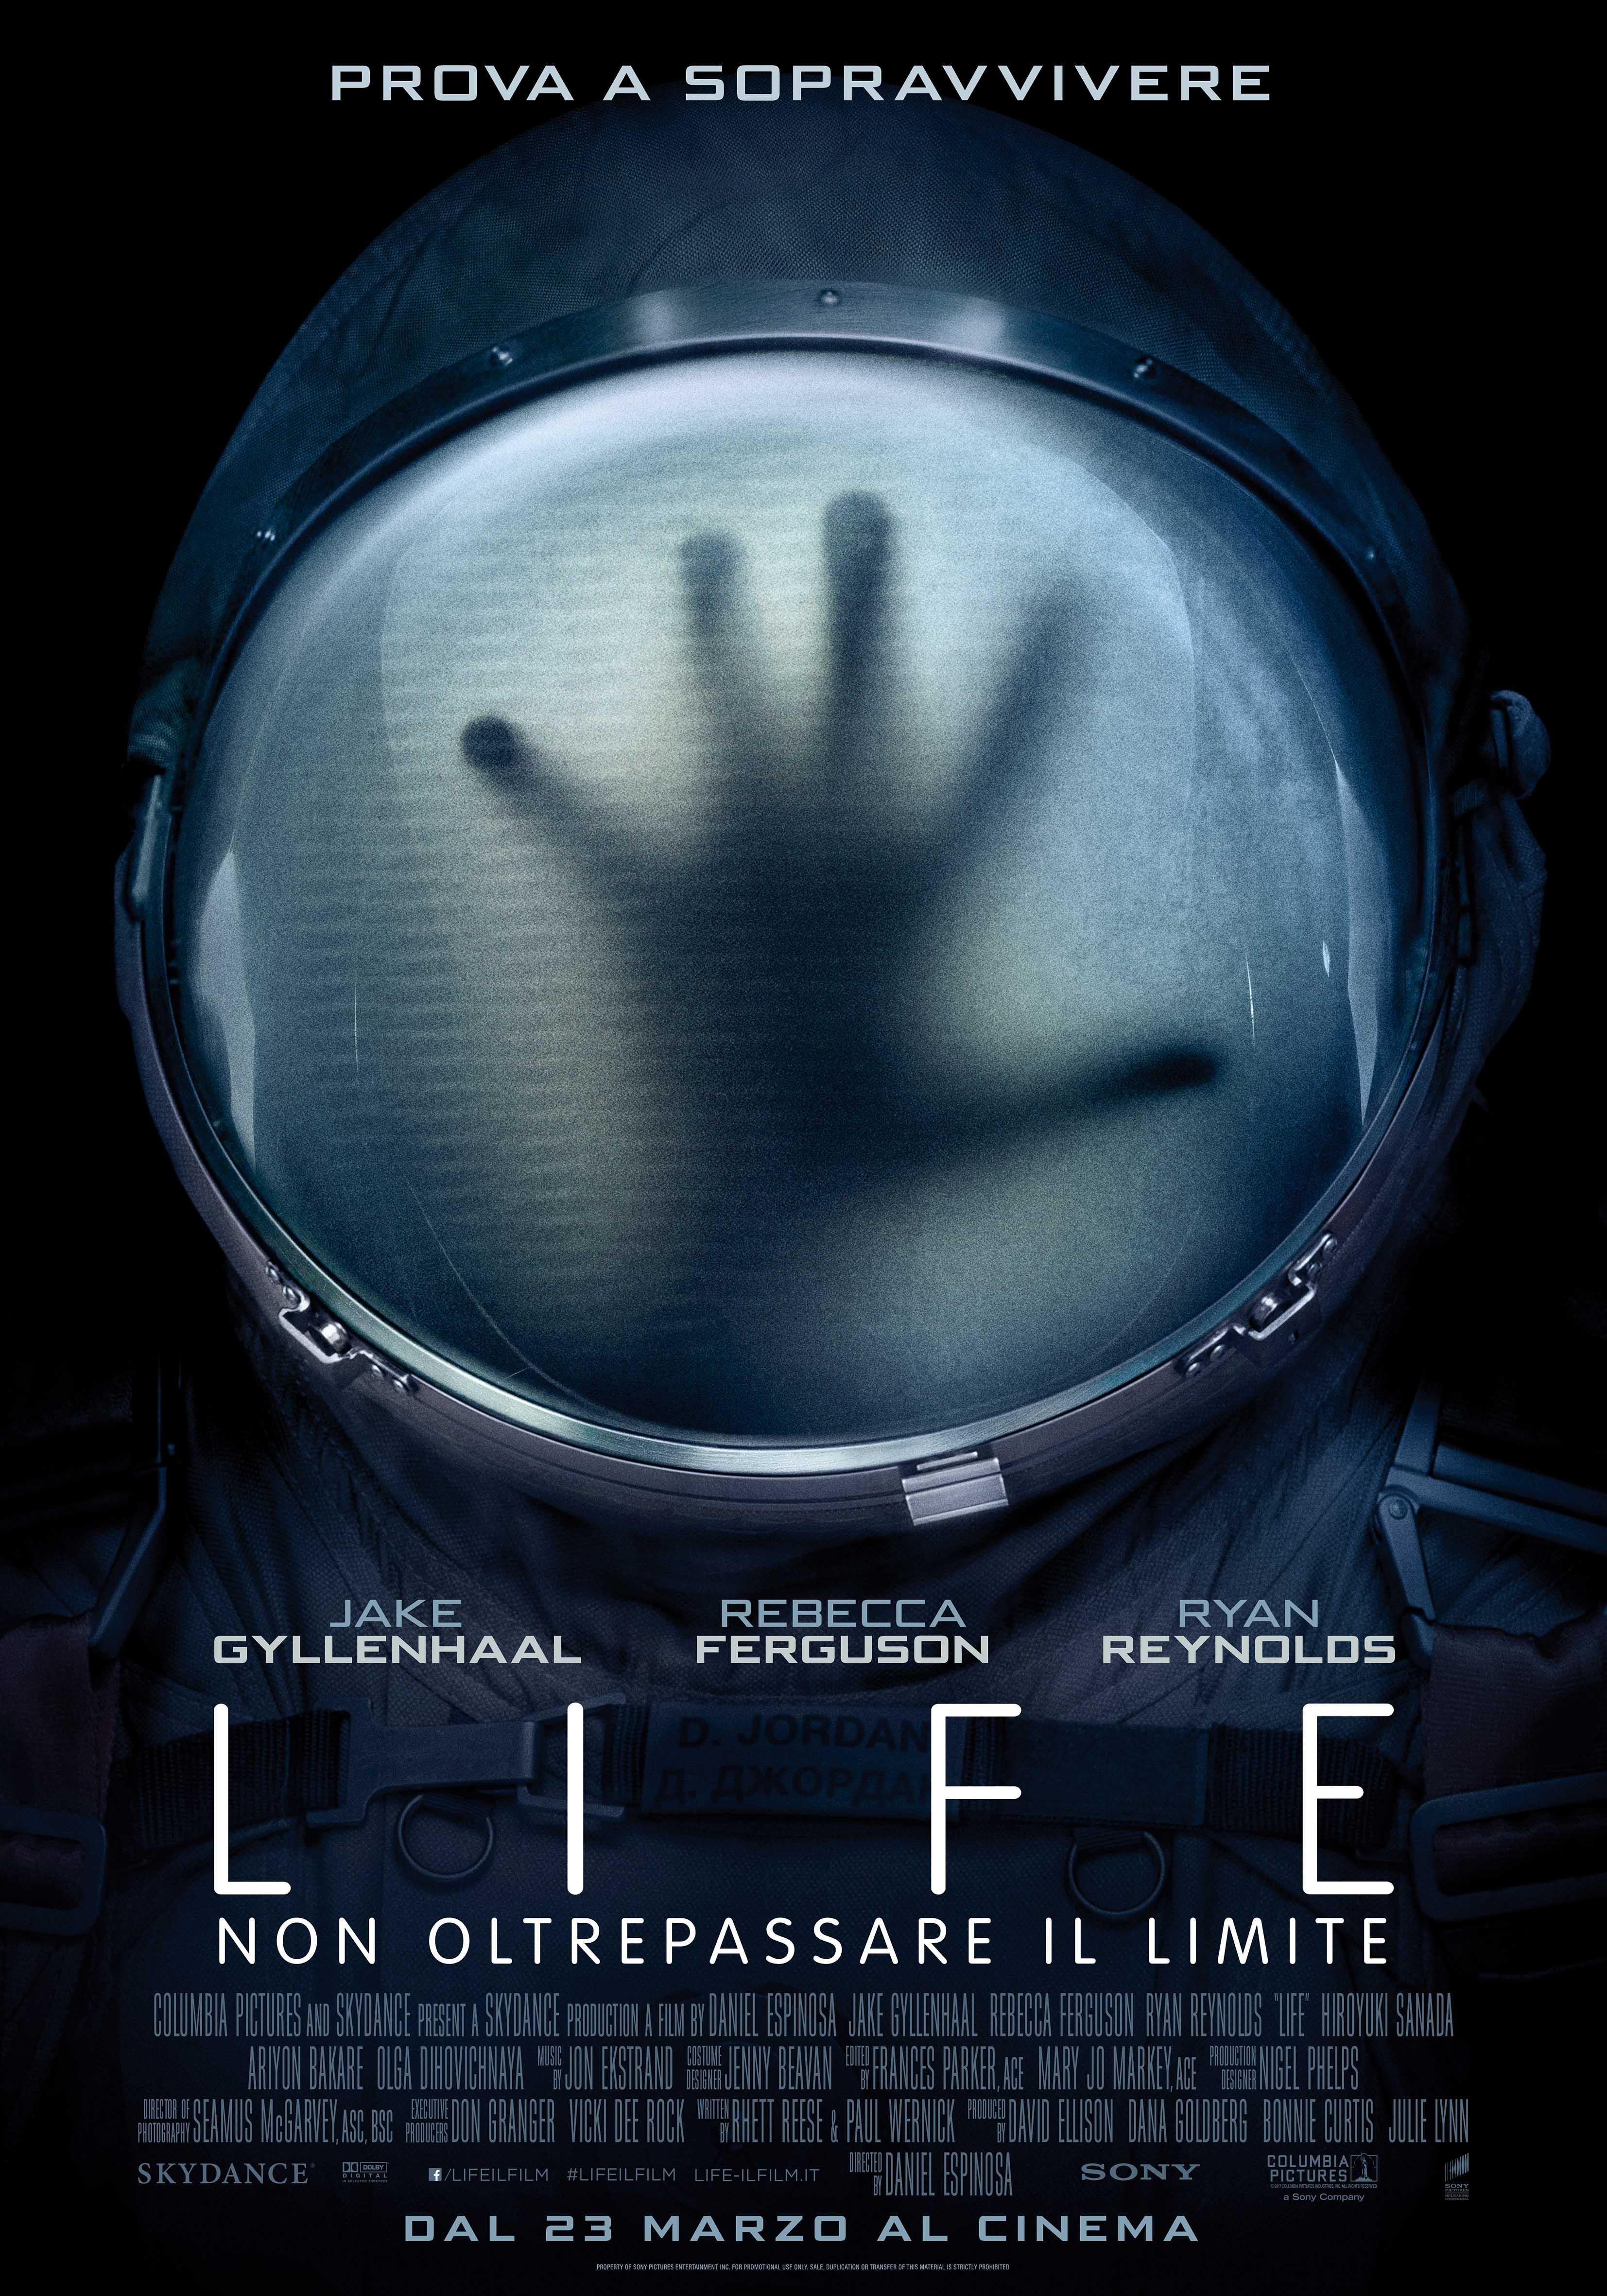 LIFE – NON OLTREPASSARE IL LIMITE, il nuovo thriller fantascientifico con Ryan Reynolds e Jake Gyllenhaal.